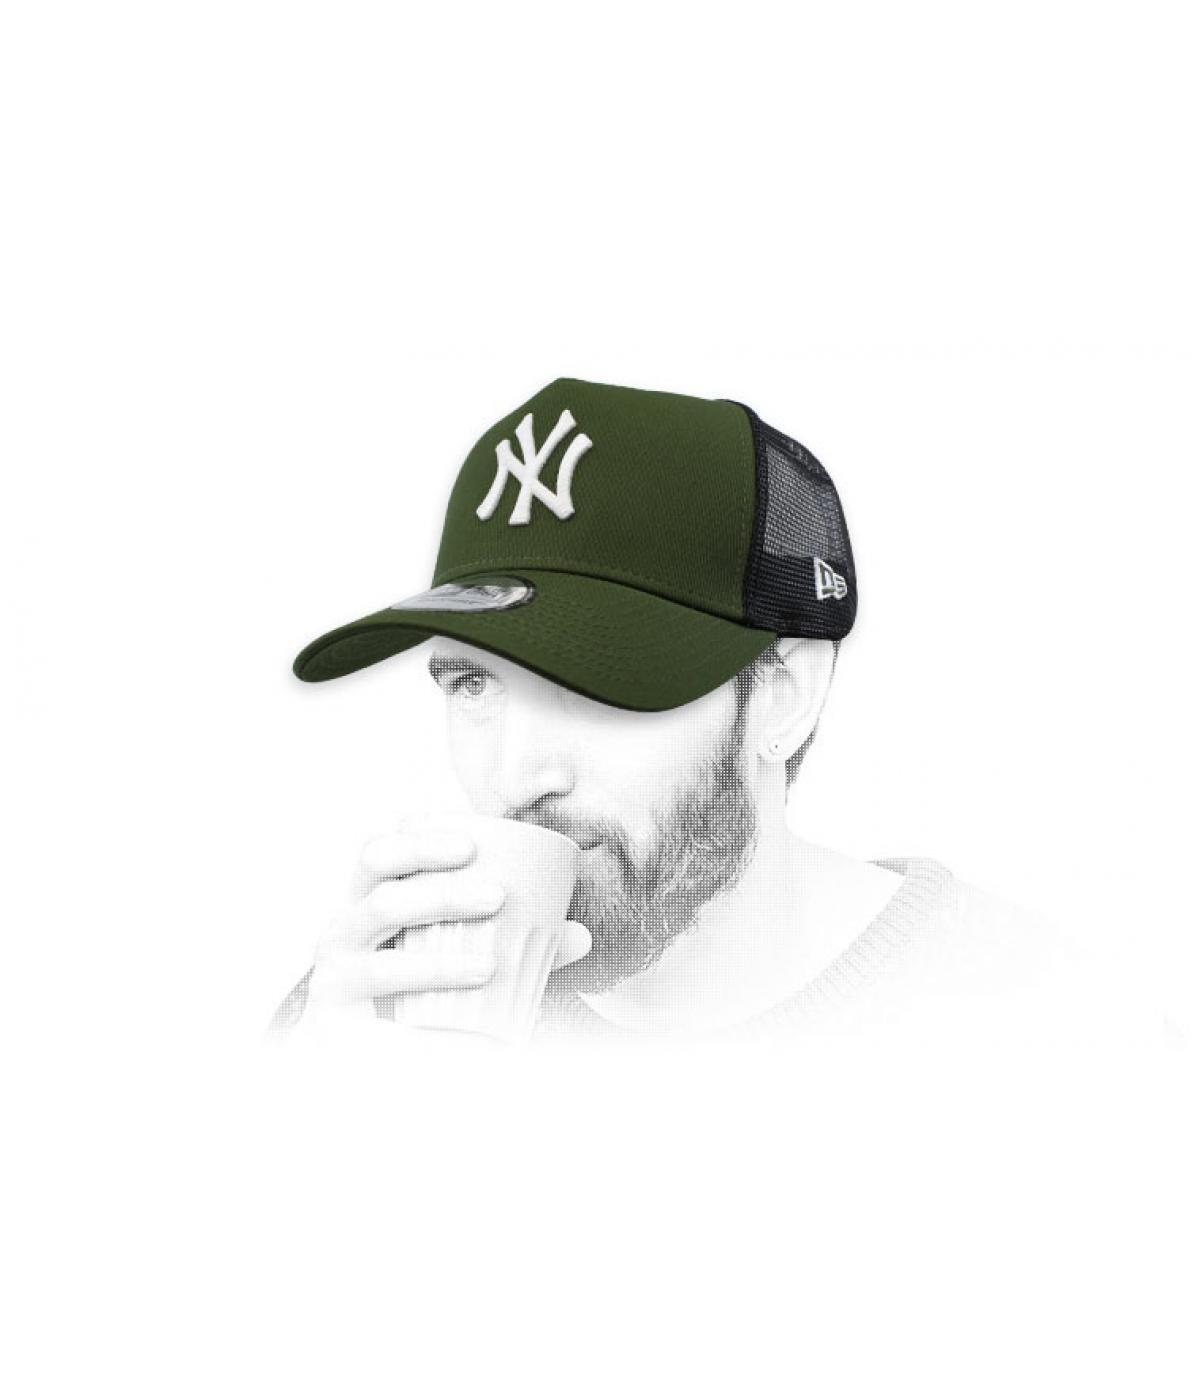 green NY trucker